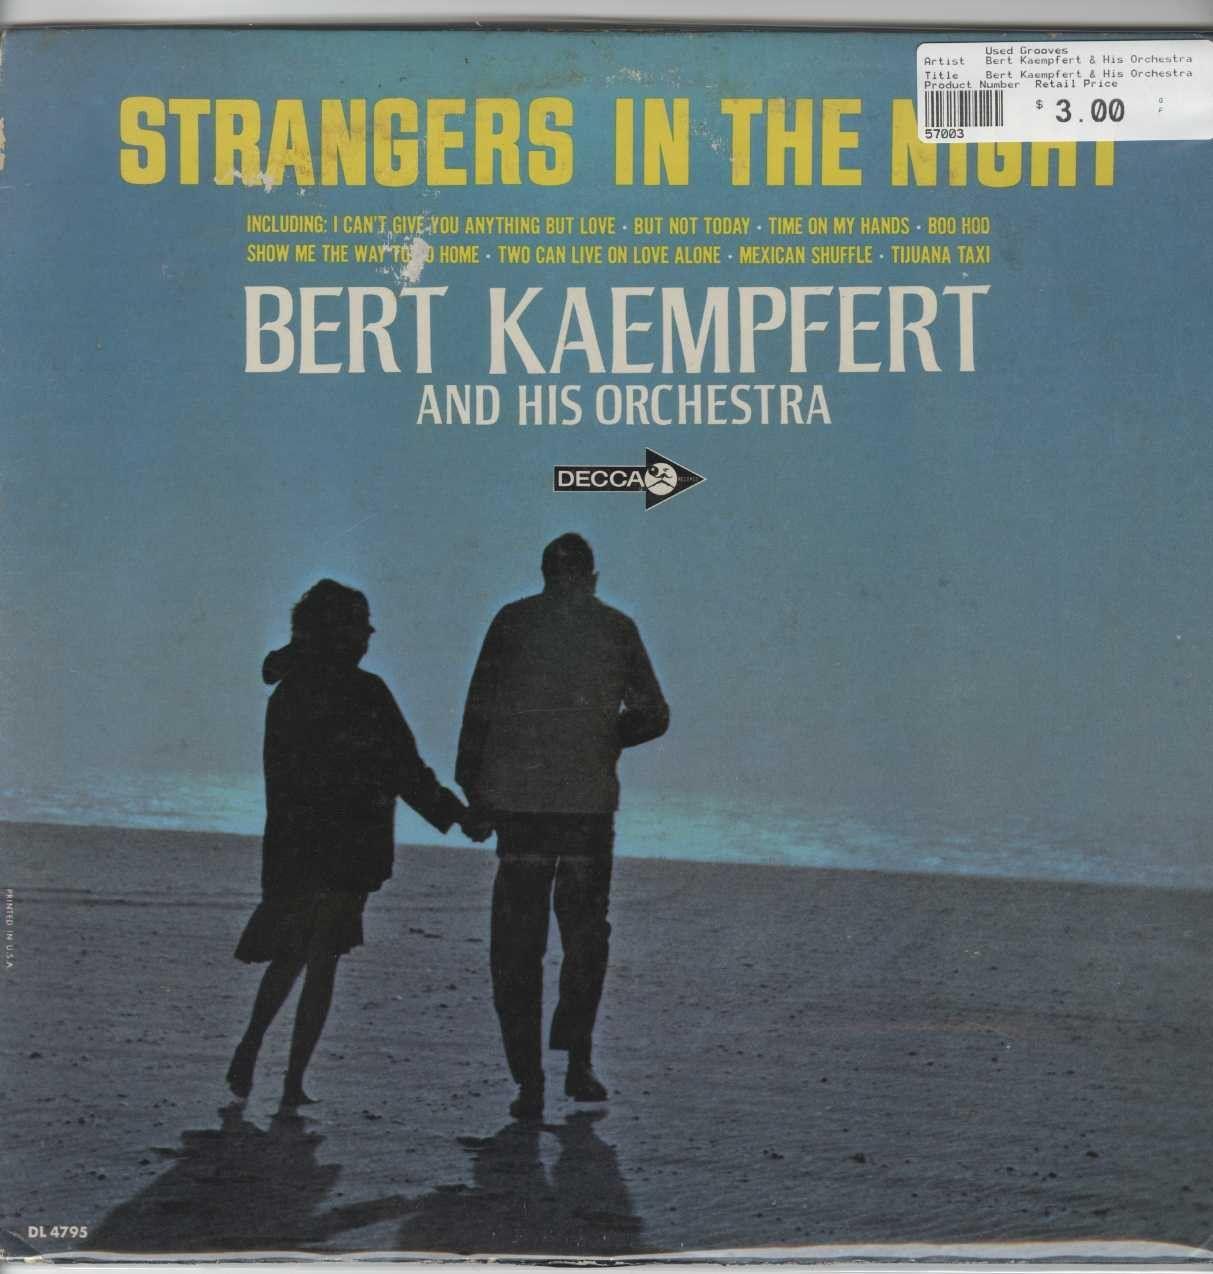 Bert Kaempfert & His Orchestra - Strangers In The Night